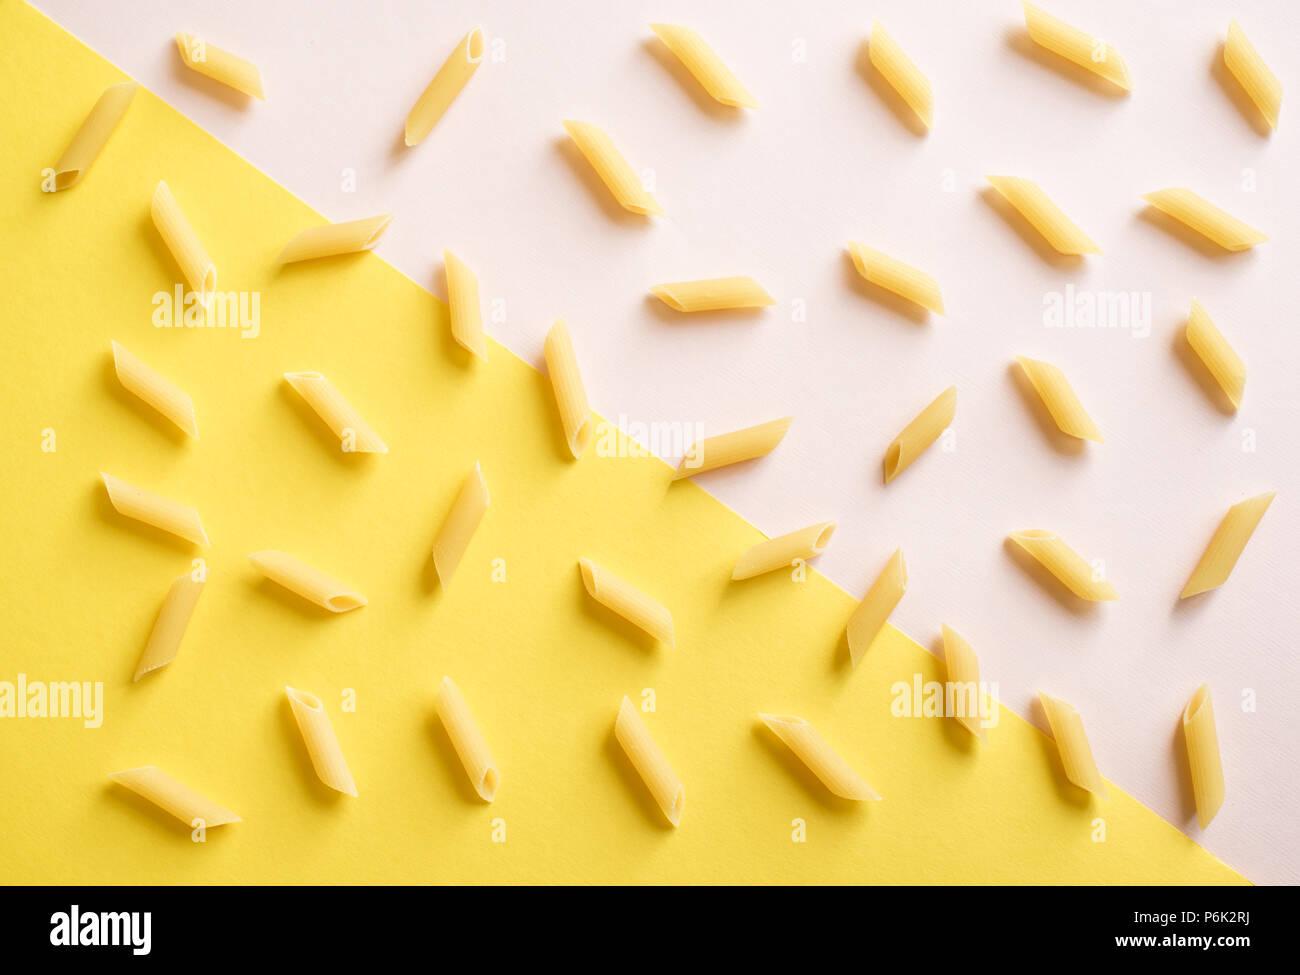 Pâtes penne rose sur fond jaune pastel et haut, vue, télévision lay. Photo Stock